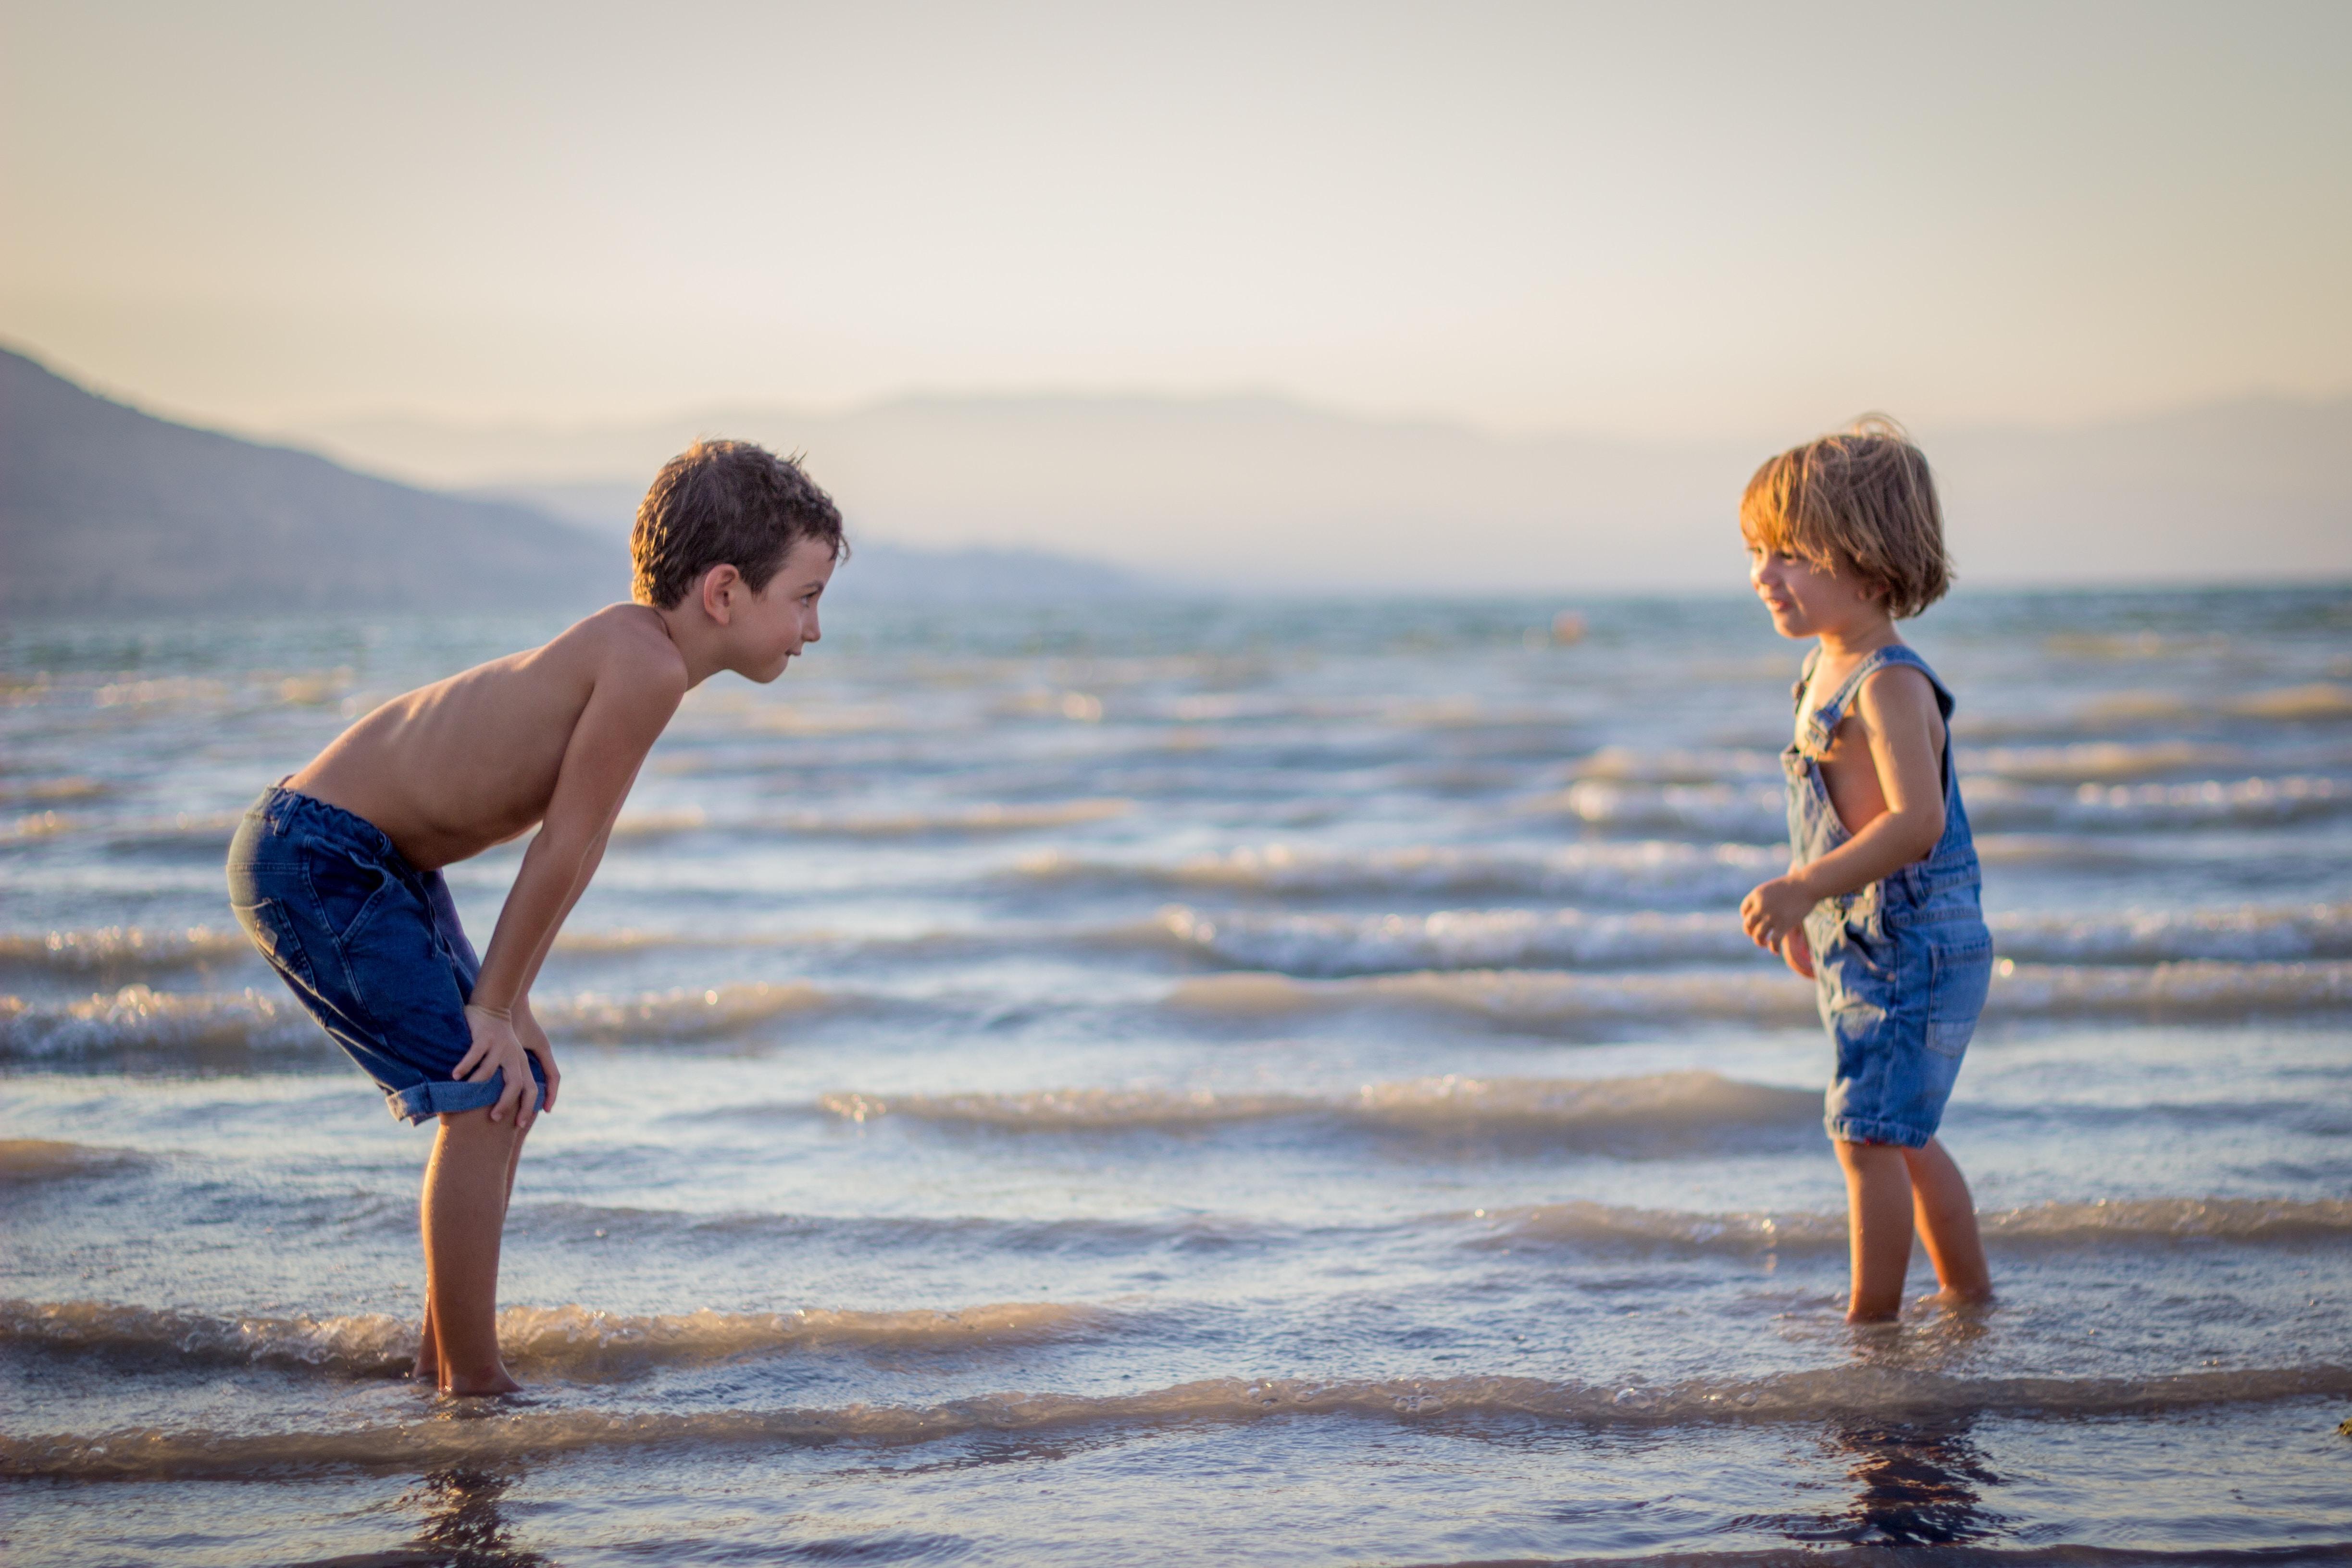 Pokažite deci načine da transformišu negativnost u pozitivnost što će im pomoći da se nose sa eko-anksioznošću.